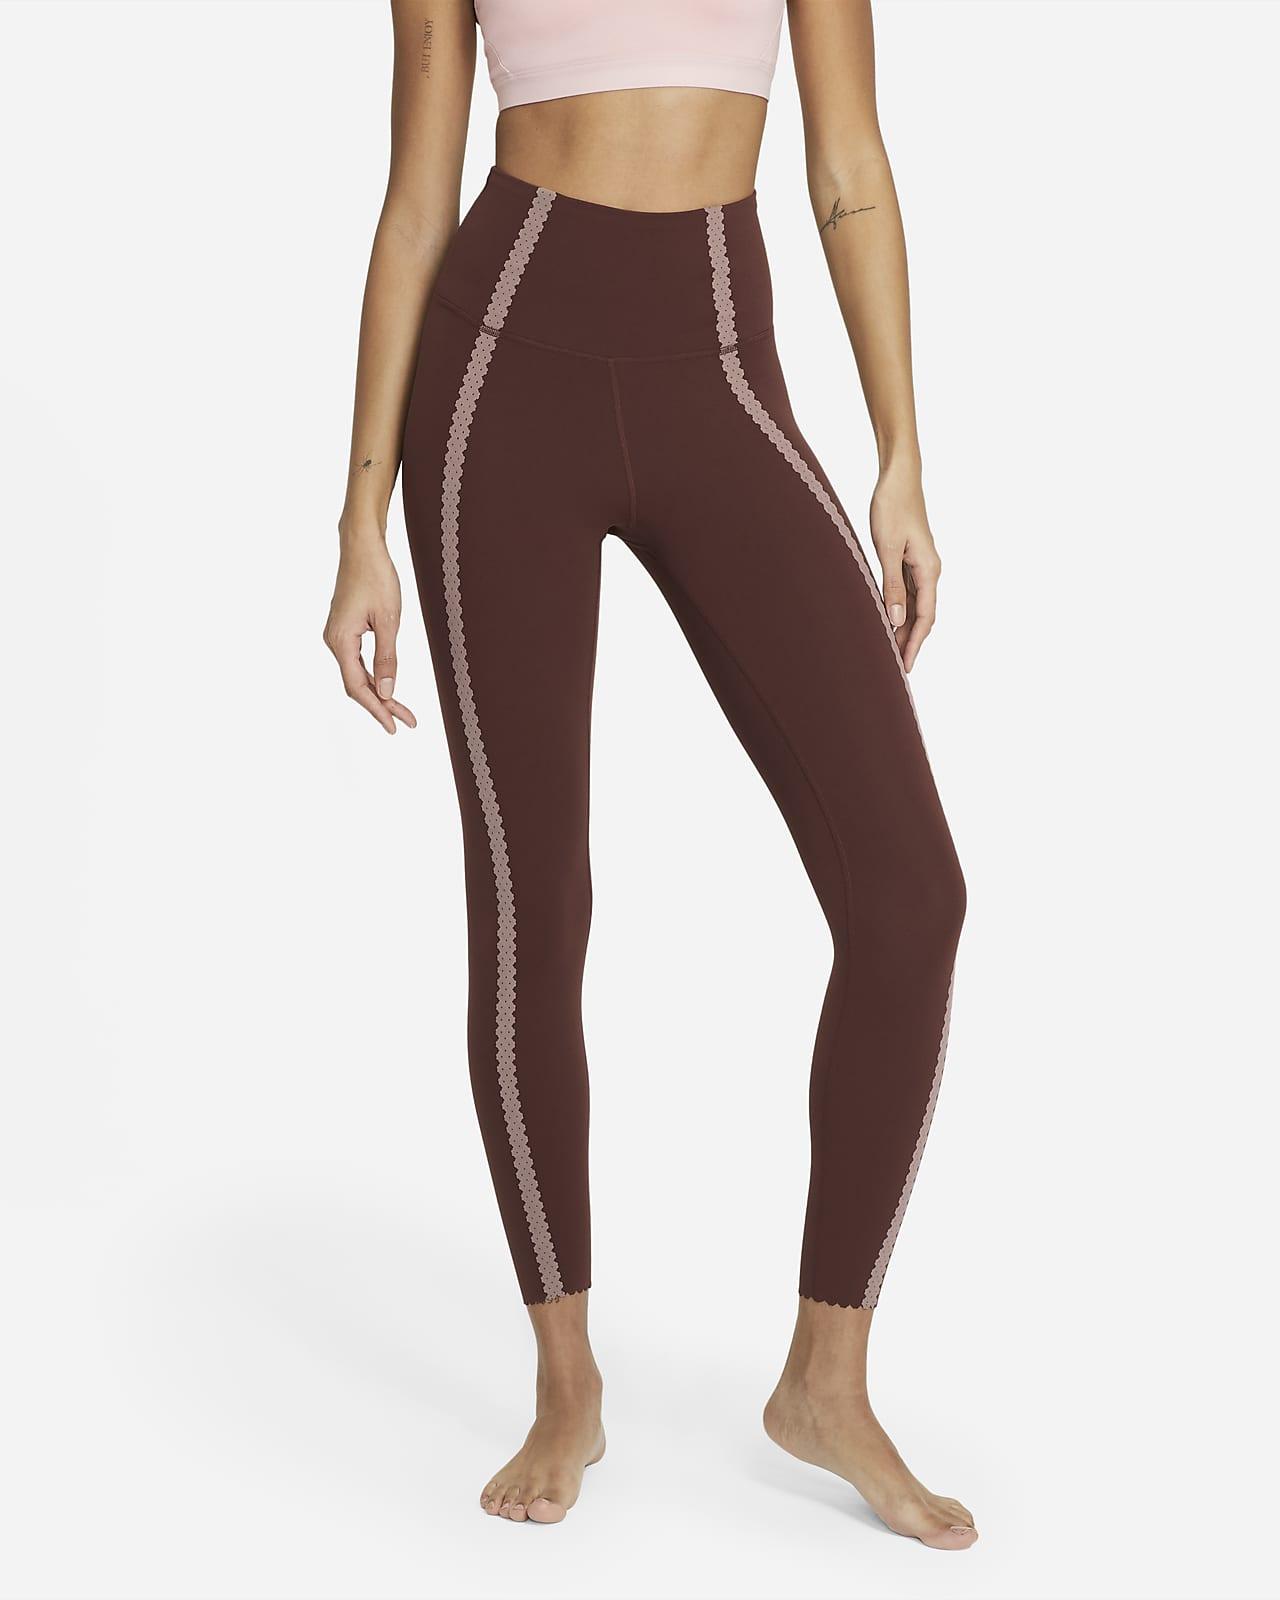 Nike Yoga Luxe Women's 7/8 Eyelet Leggings